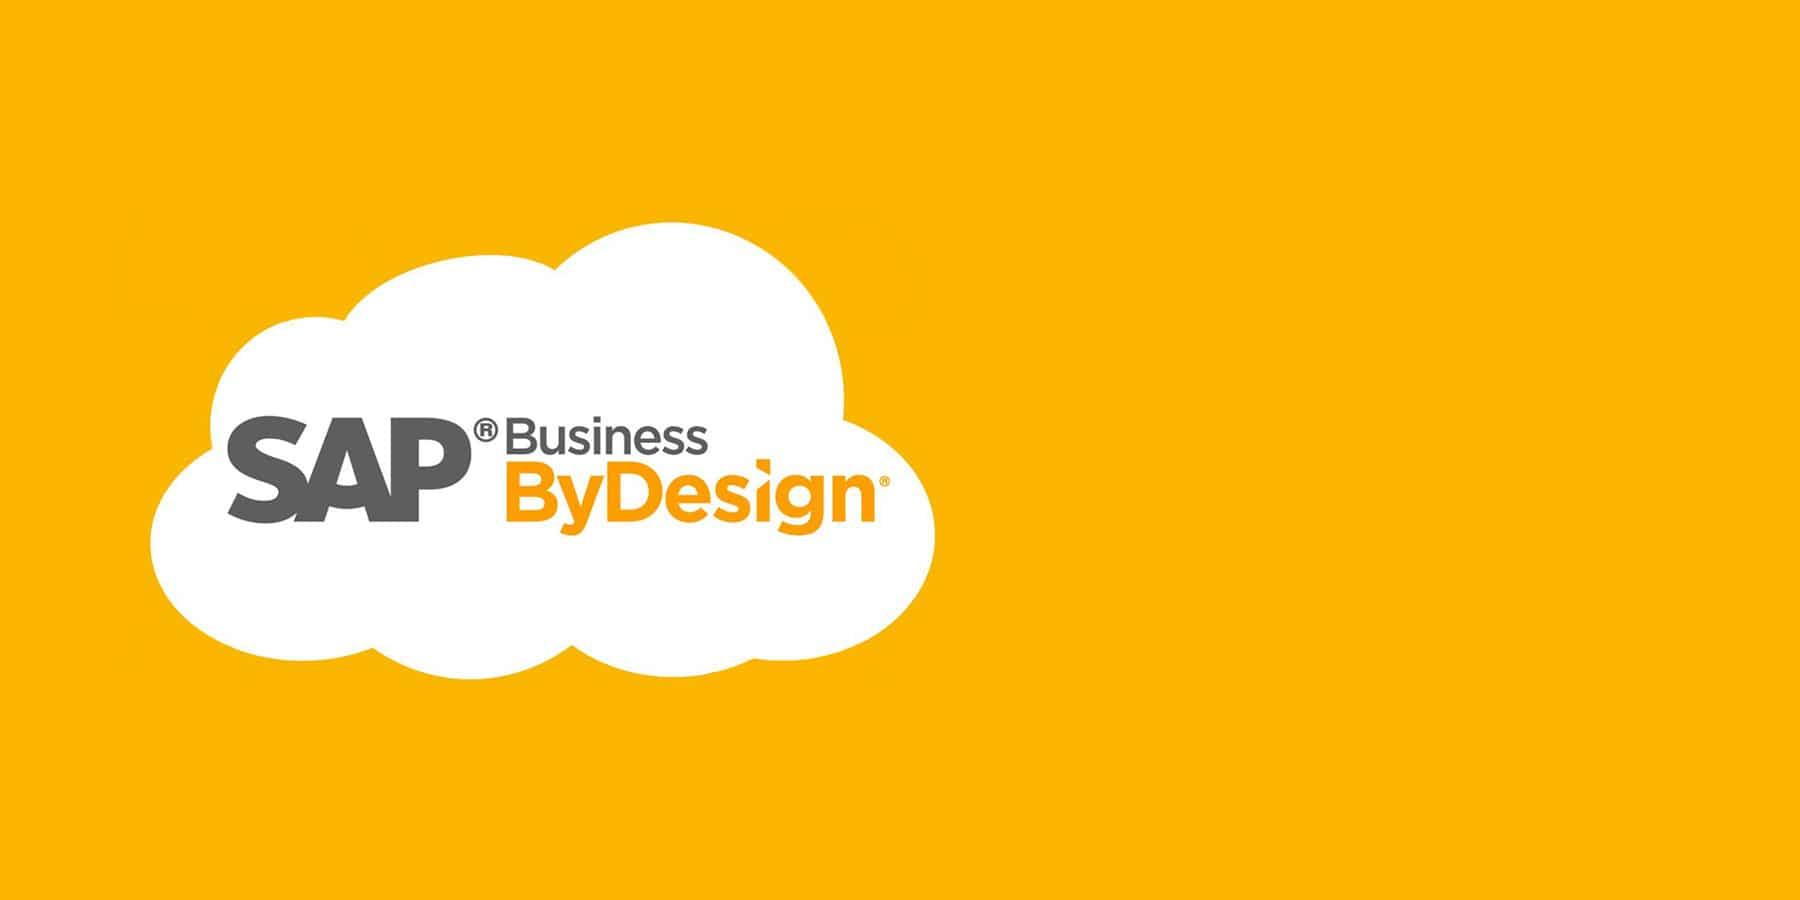 Pourquoi choisir SAP Business By Design, logiciel en mode SaaS, pour sa gestion d'entreprise